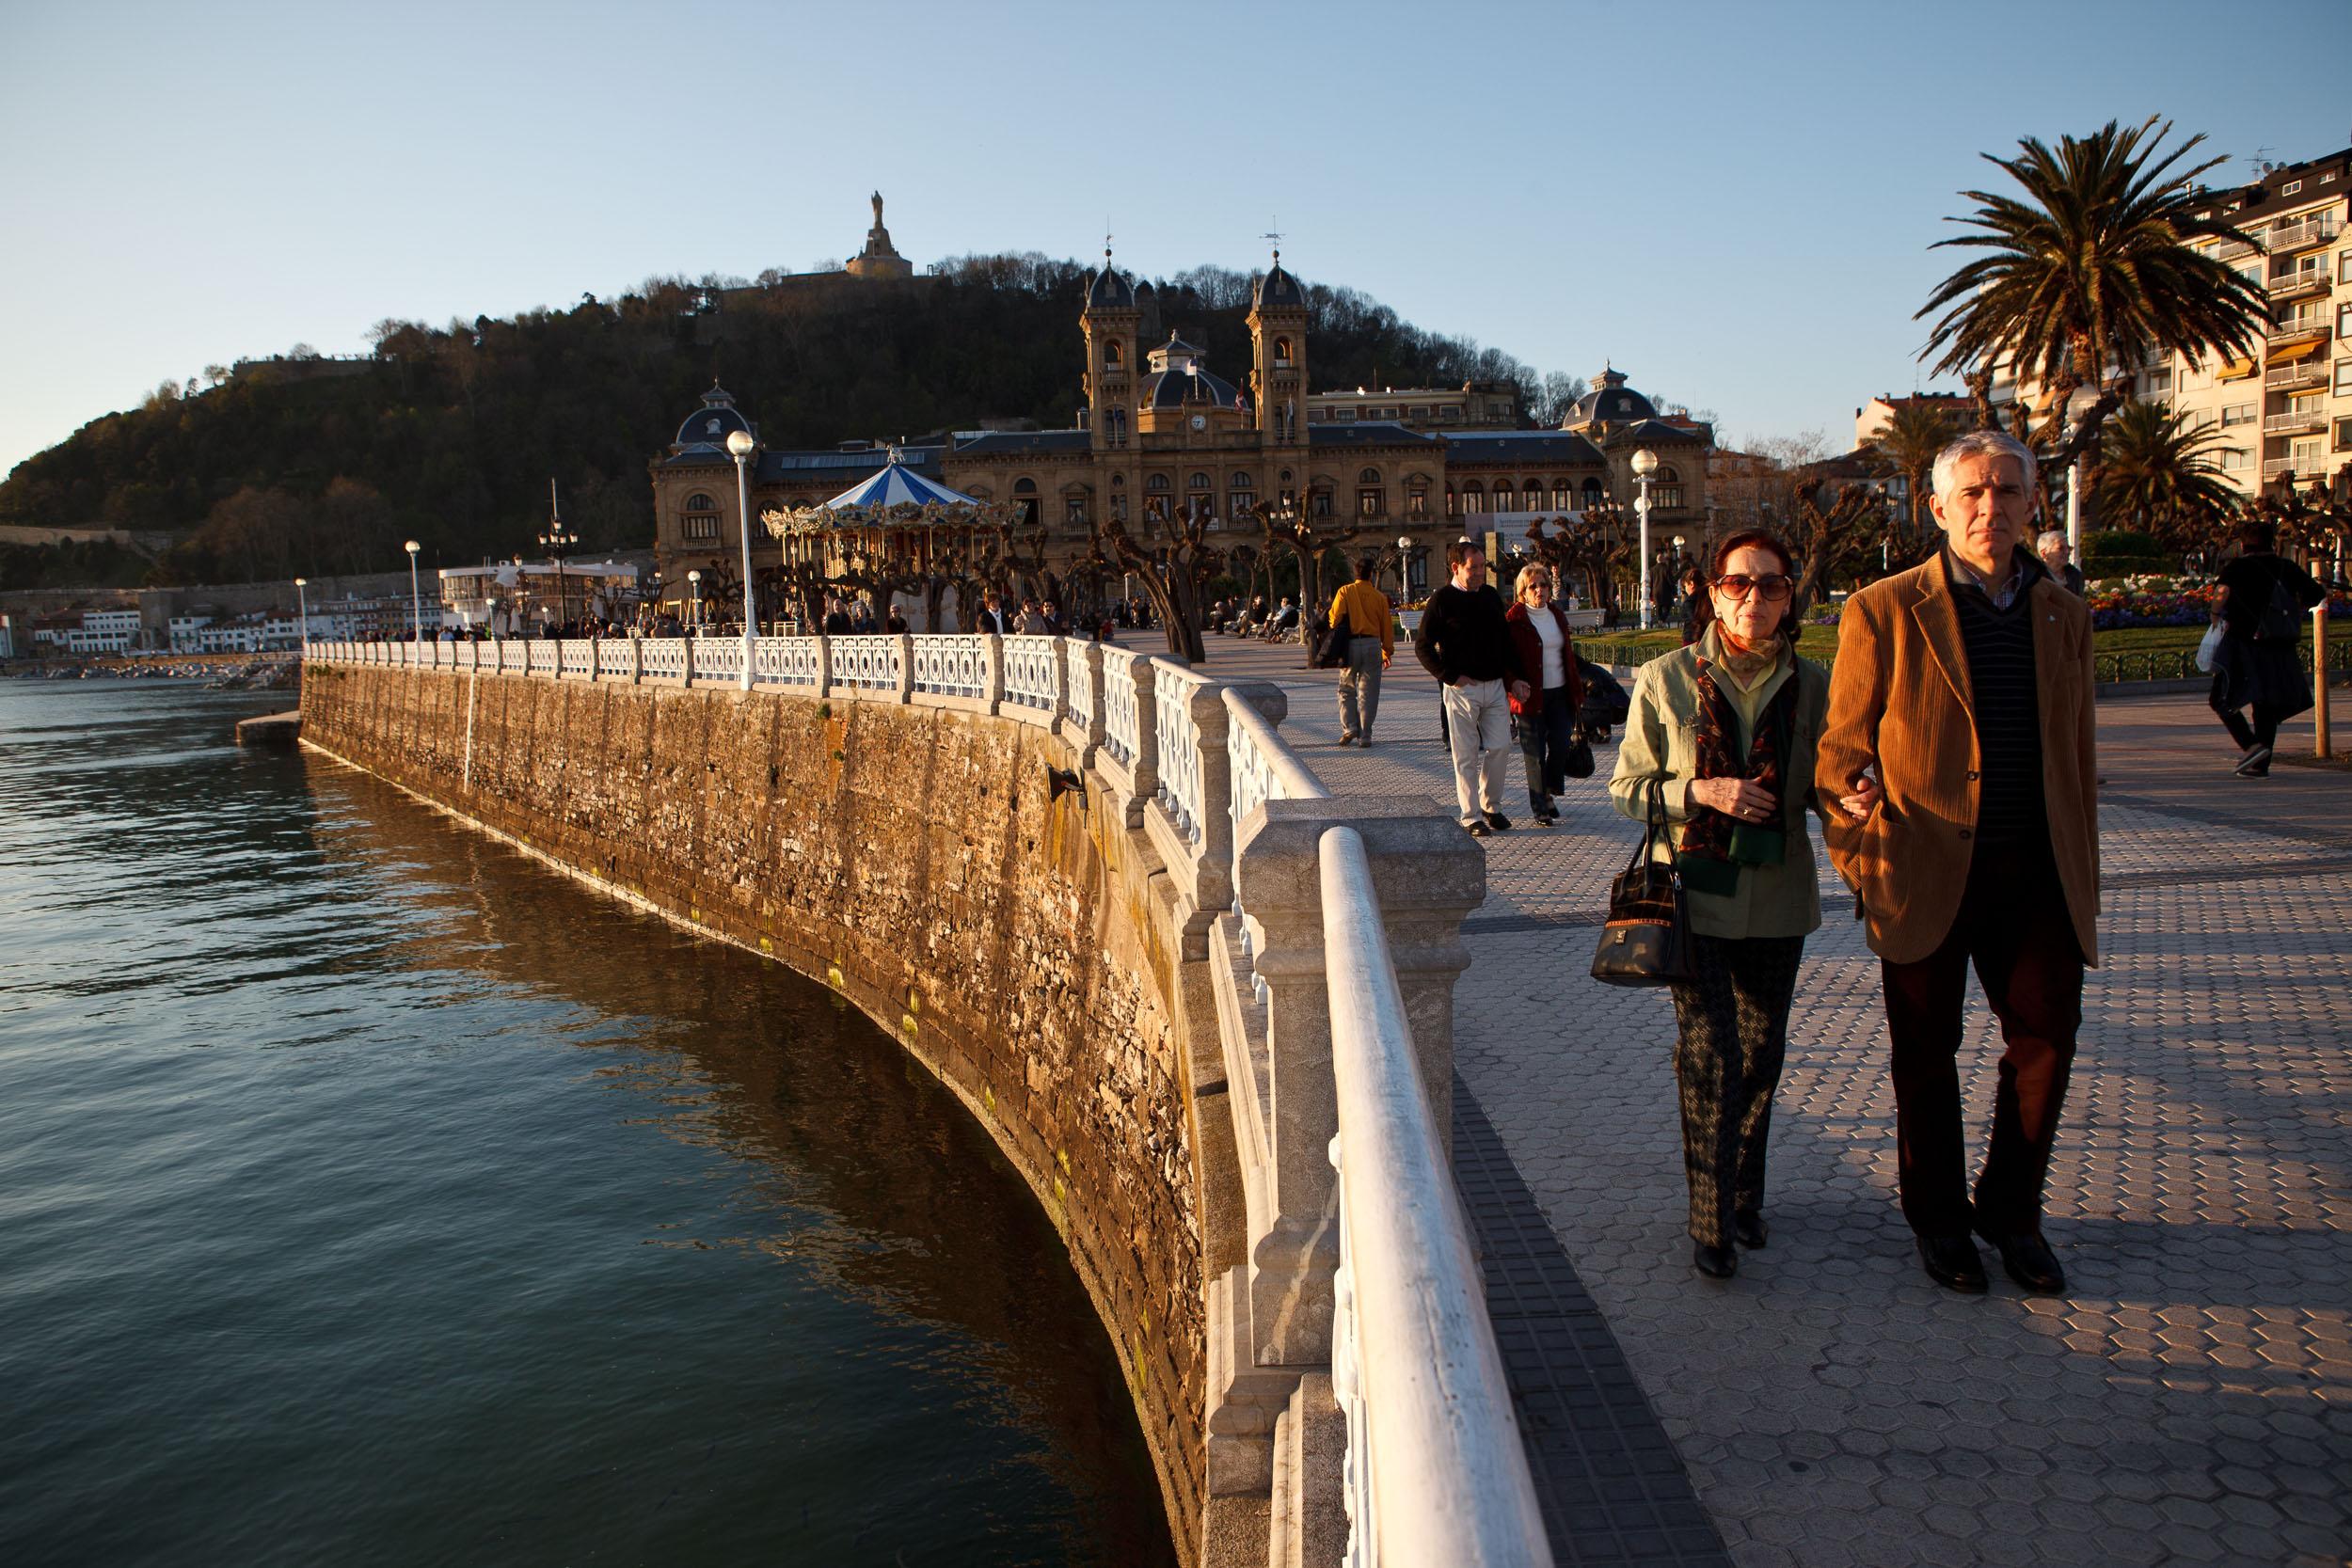 Paseo, or evening stroll, along path behind La Concha Beach,  San Sebastián, Spain.